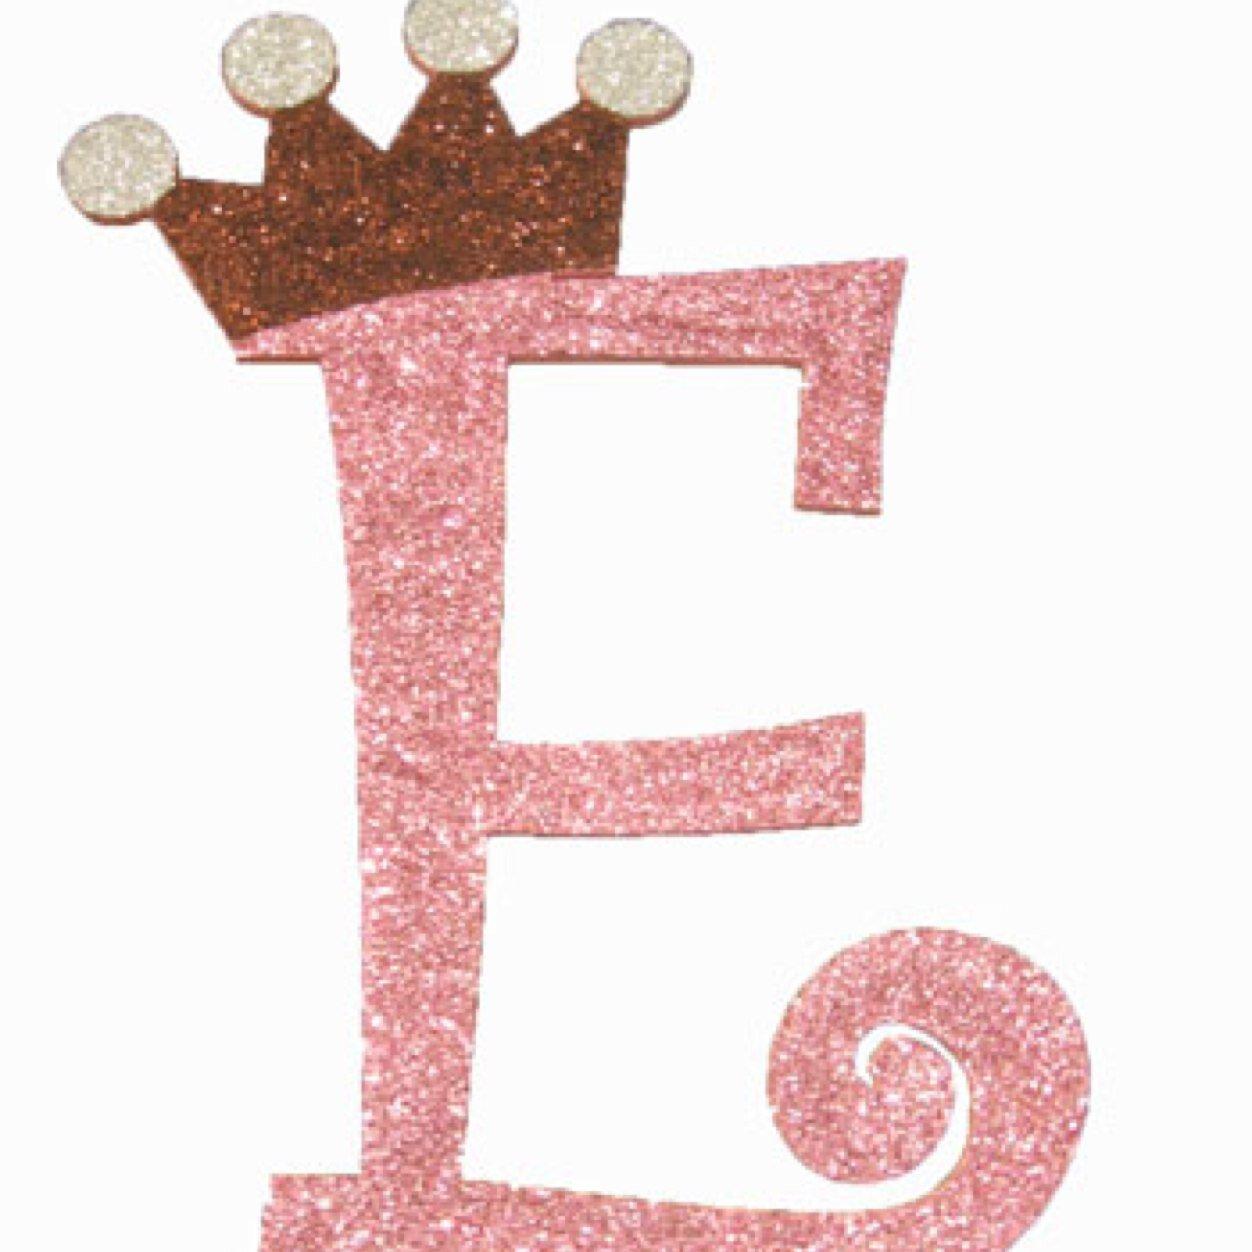 بالصور صور حرف e , احدث صور تصميمات حرف E